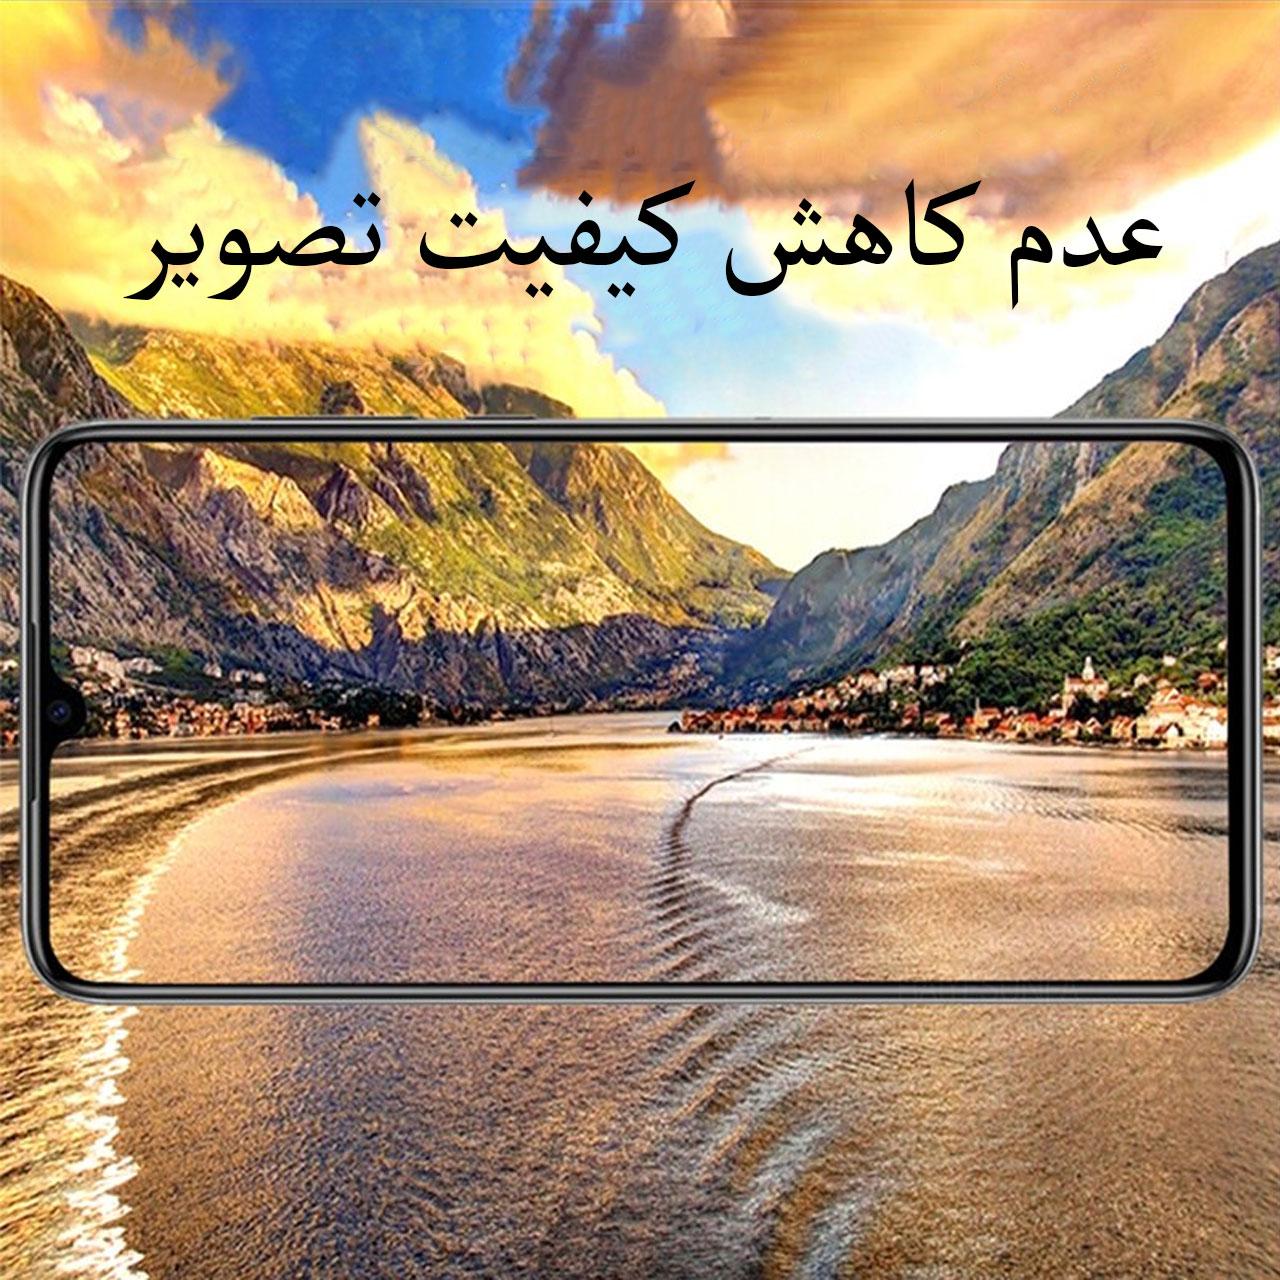 محافظ صفحه نمایش مدل FCG مناسب برای گوشی موبایل سامسونگ Galaxy M20 بسته سه عددی main 1 13